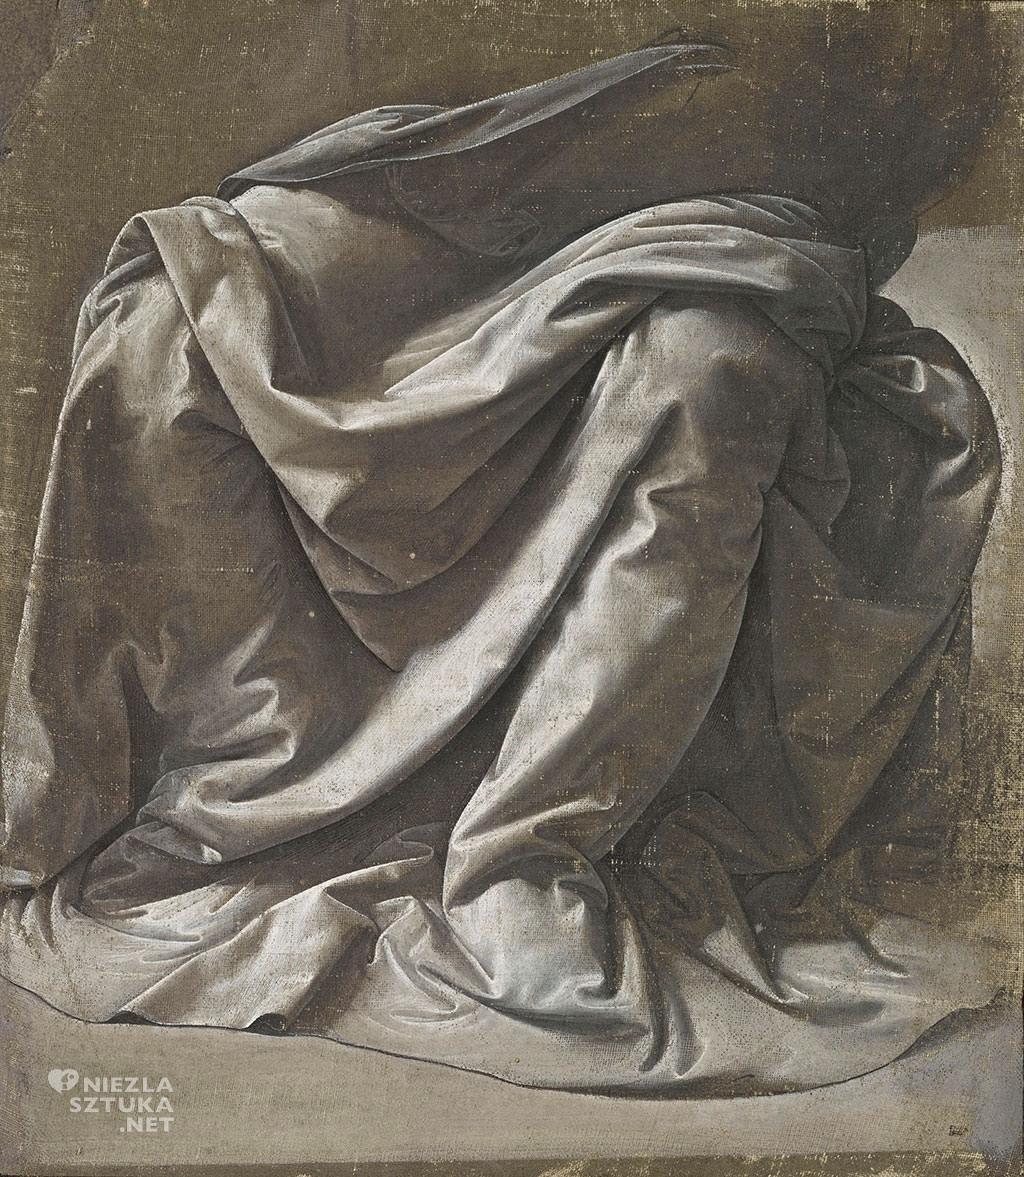 Leonardo da Vinci, Draperia siedzącej postaci, sztuka włoska, Niezła sztuka